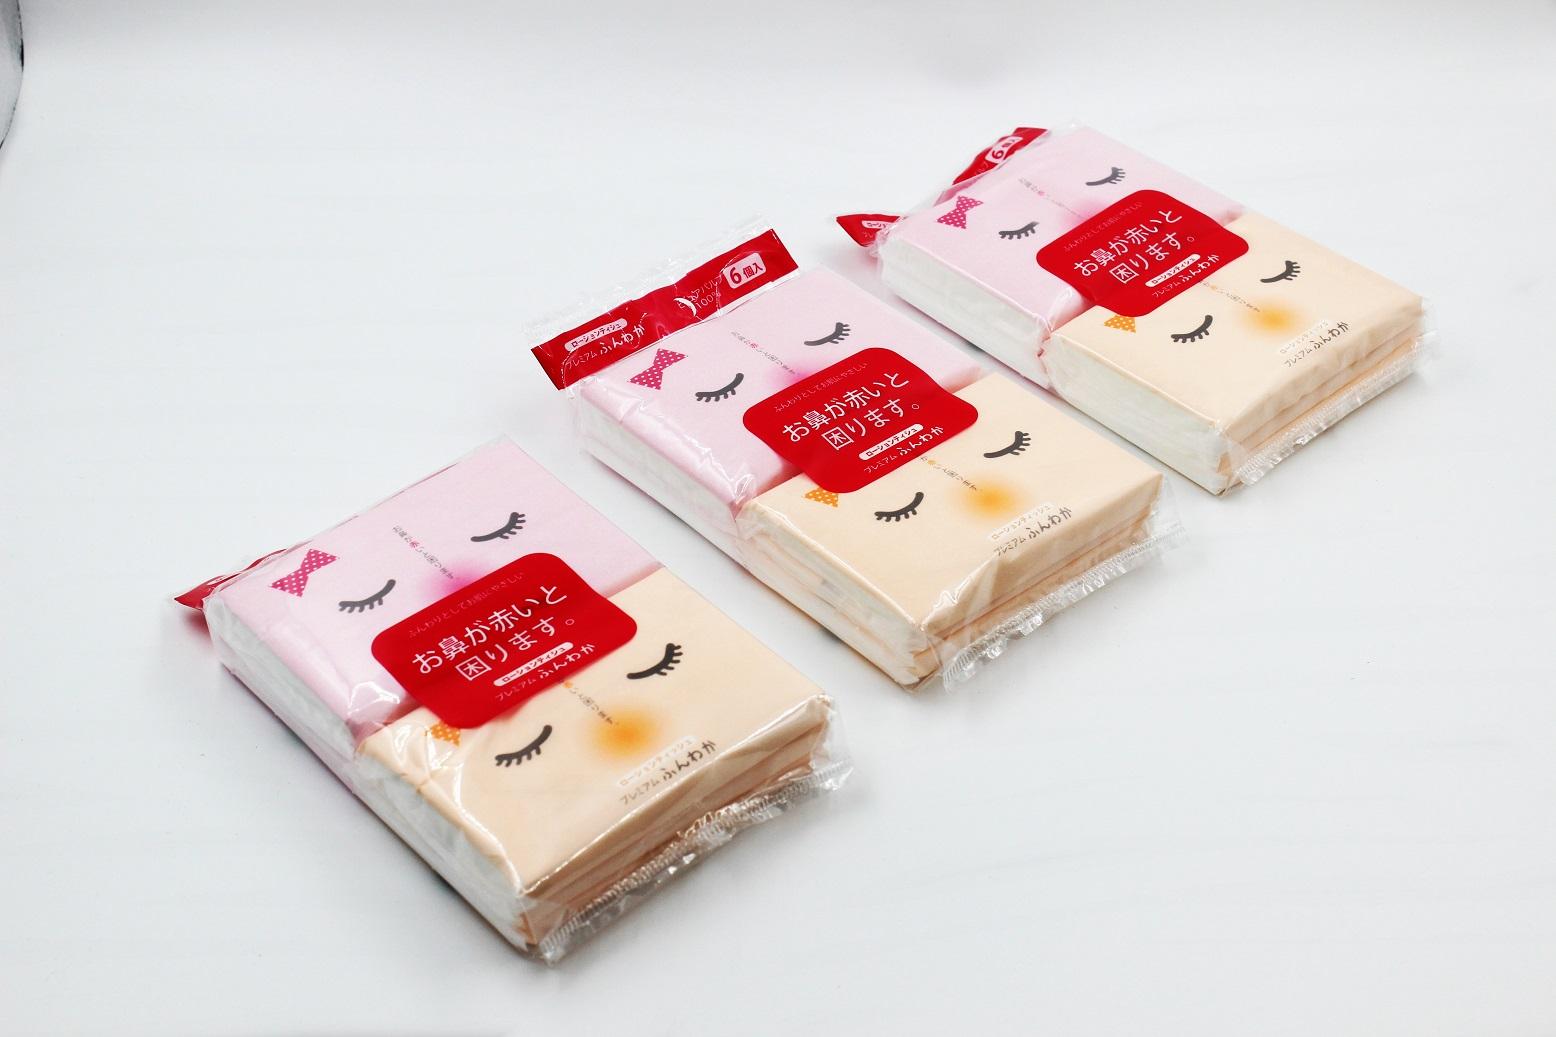 Set 6 khăn giấy bỏ túi siêu mềm mịn